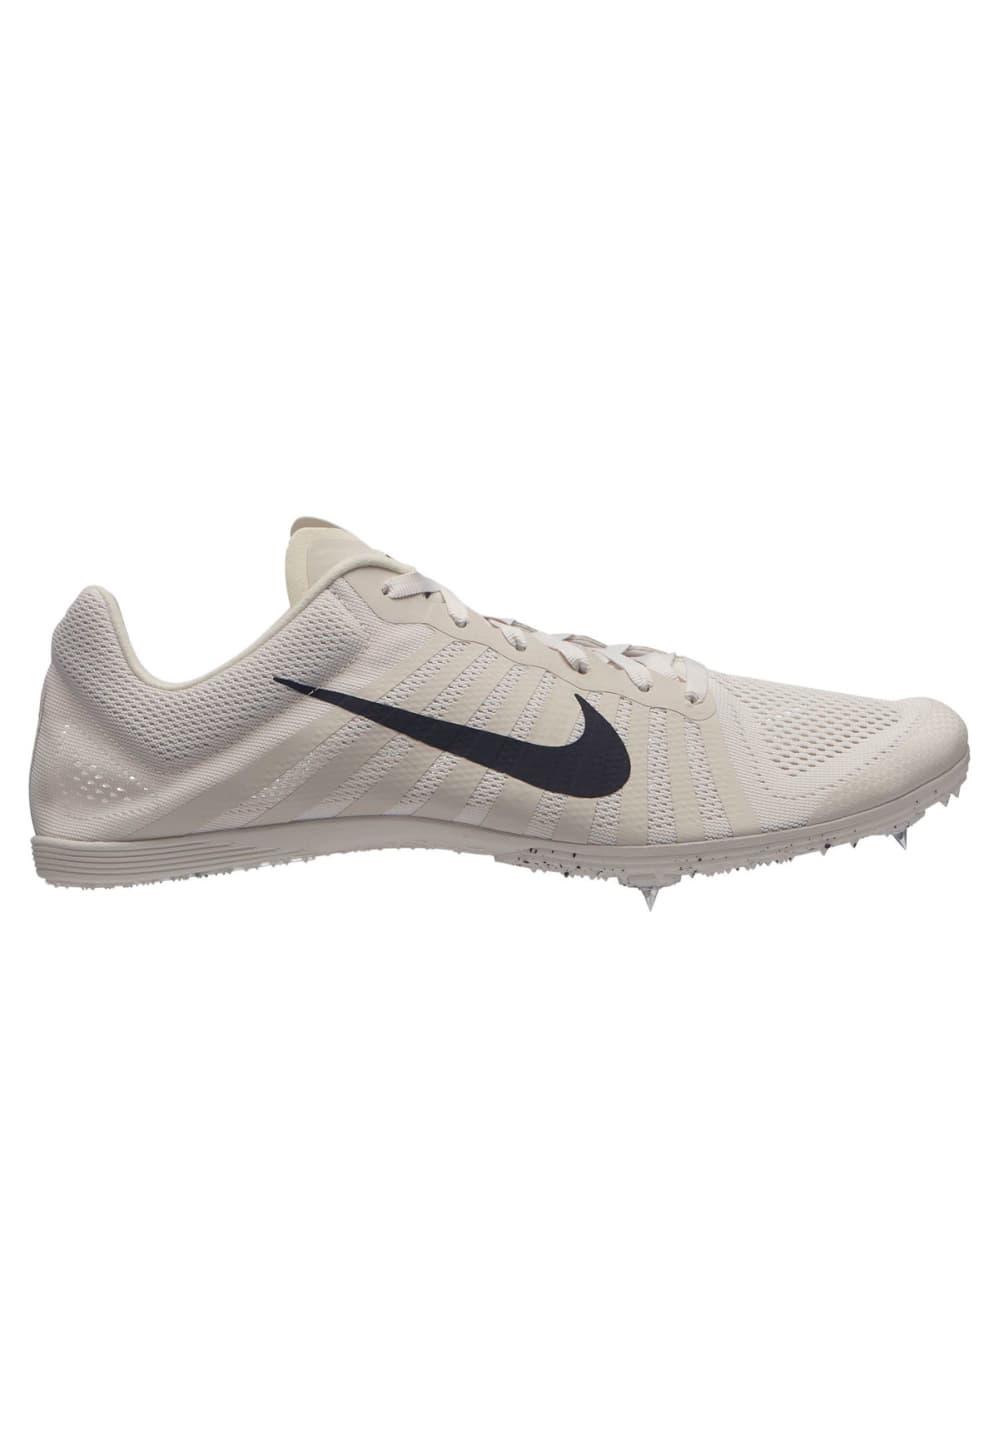 sale retailer 1bec1 88556 ... Nike Zoom D - Chaussures pointes - Gris. Retour vers l aperçu. -30%